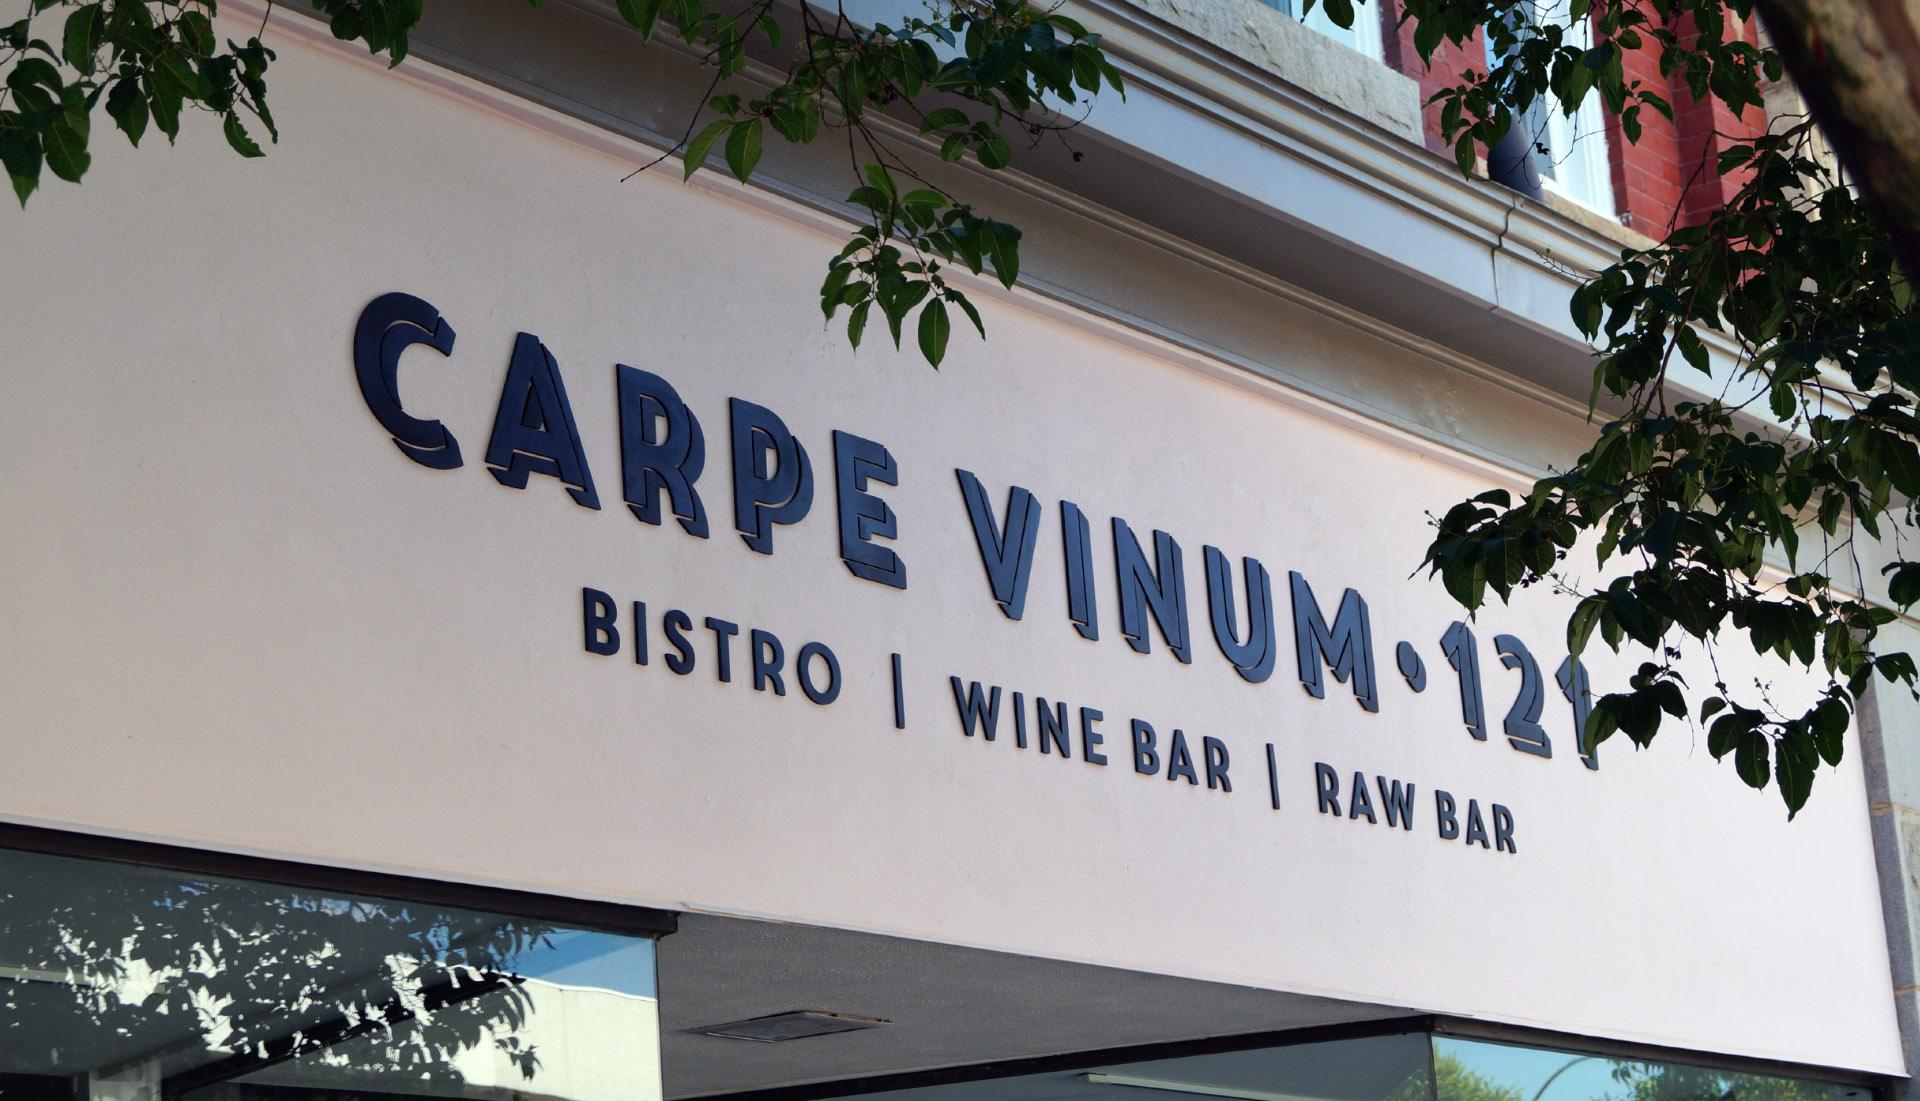 Carpe Vinum 121 sign